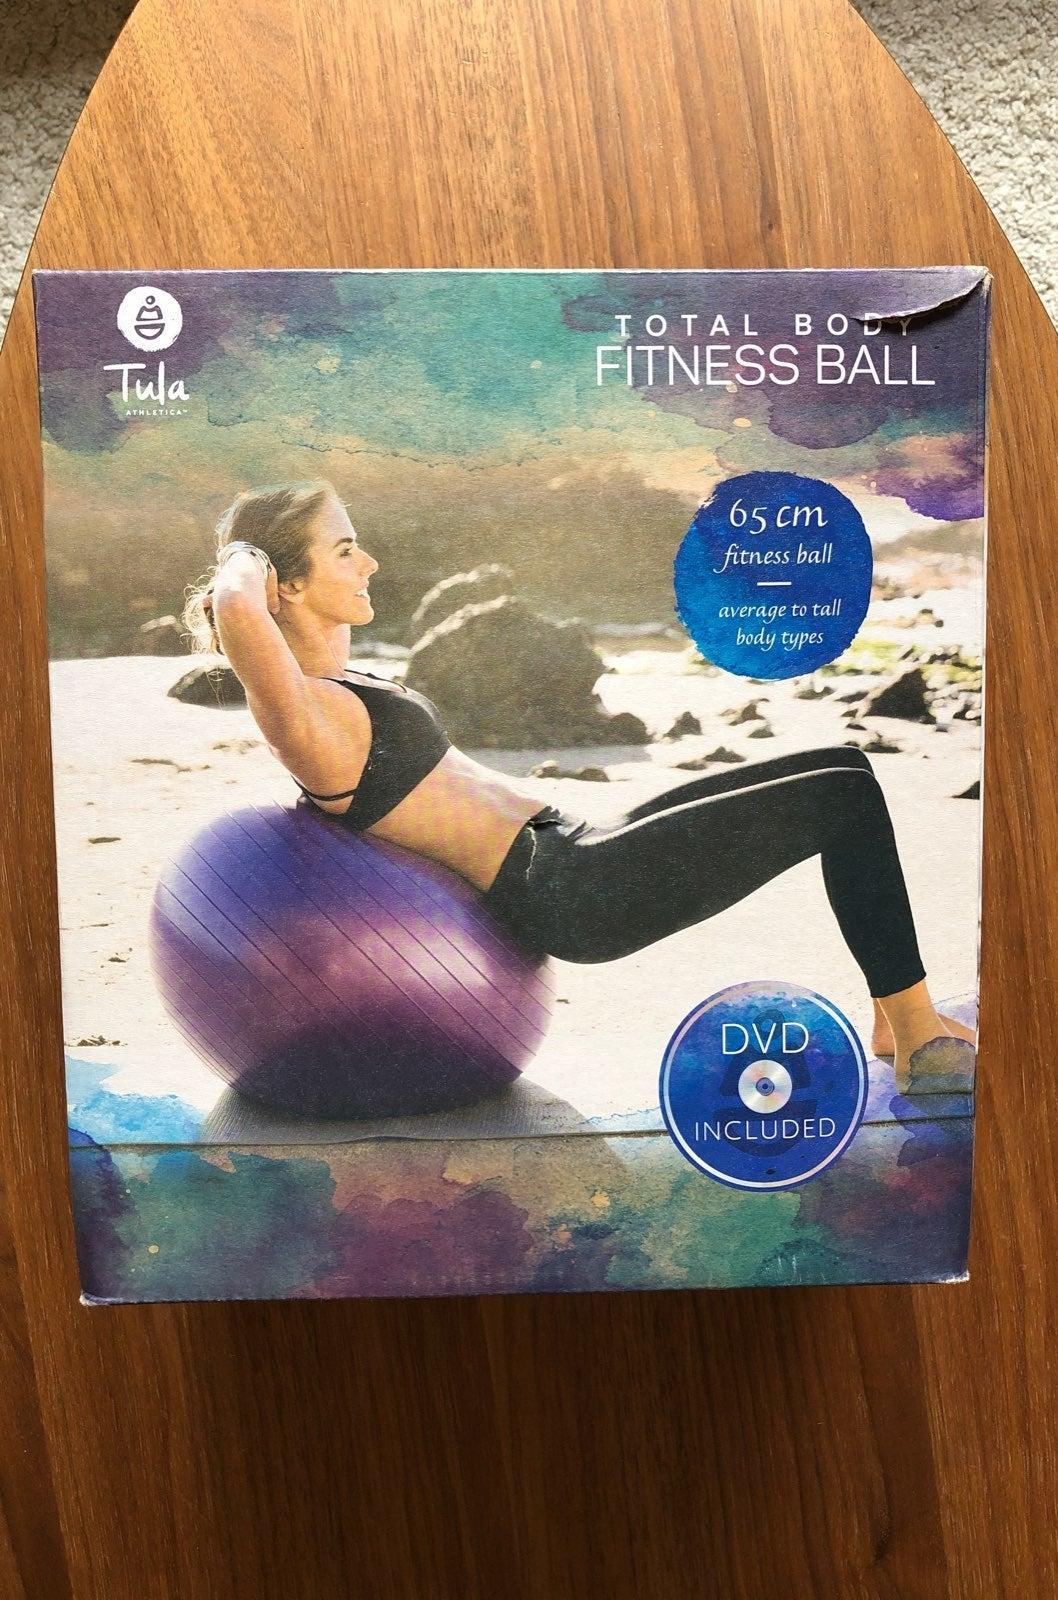 Tula fitness ball core workout